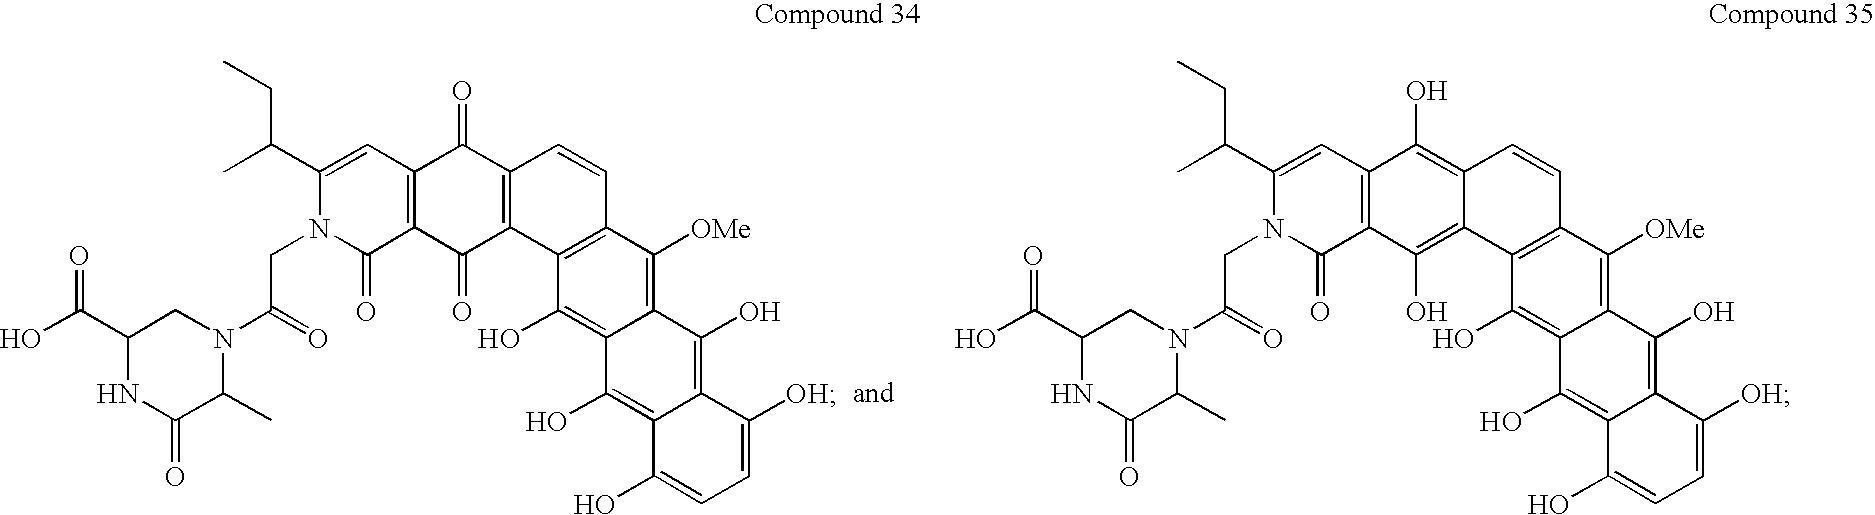 Figure US20060106028A1-20060518-C00008